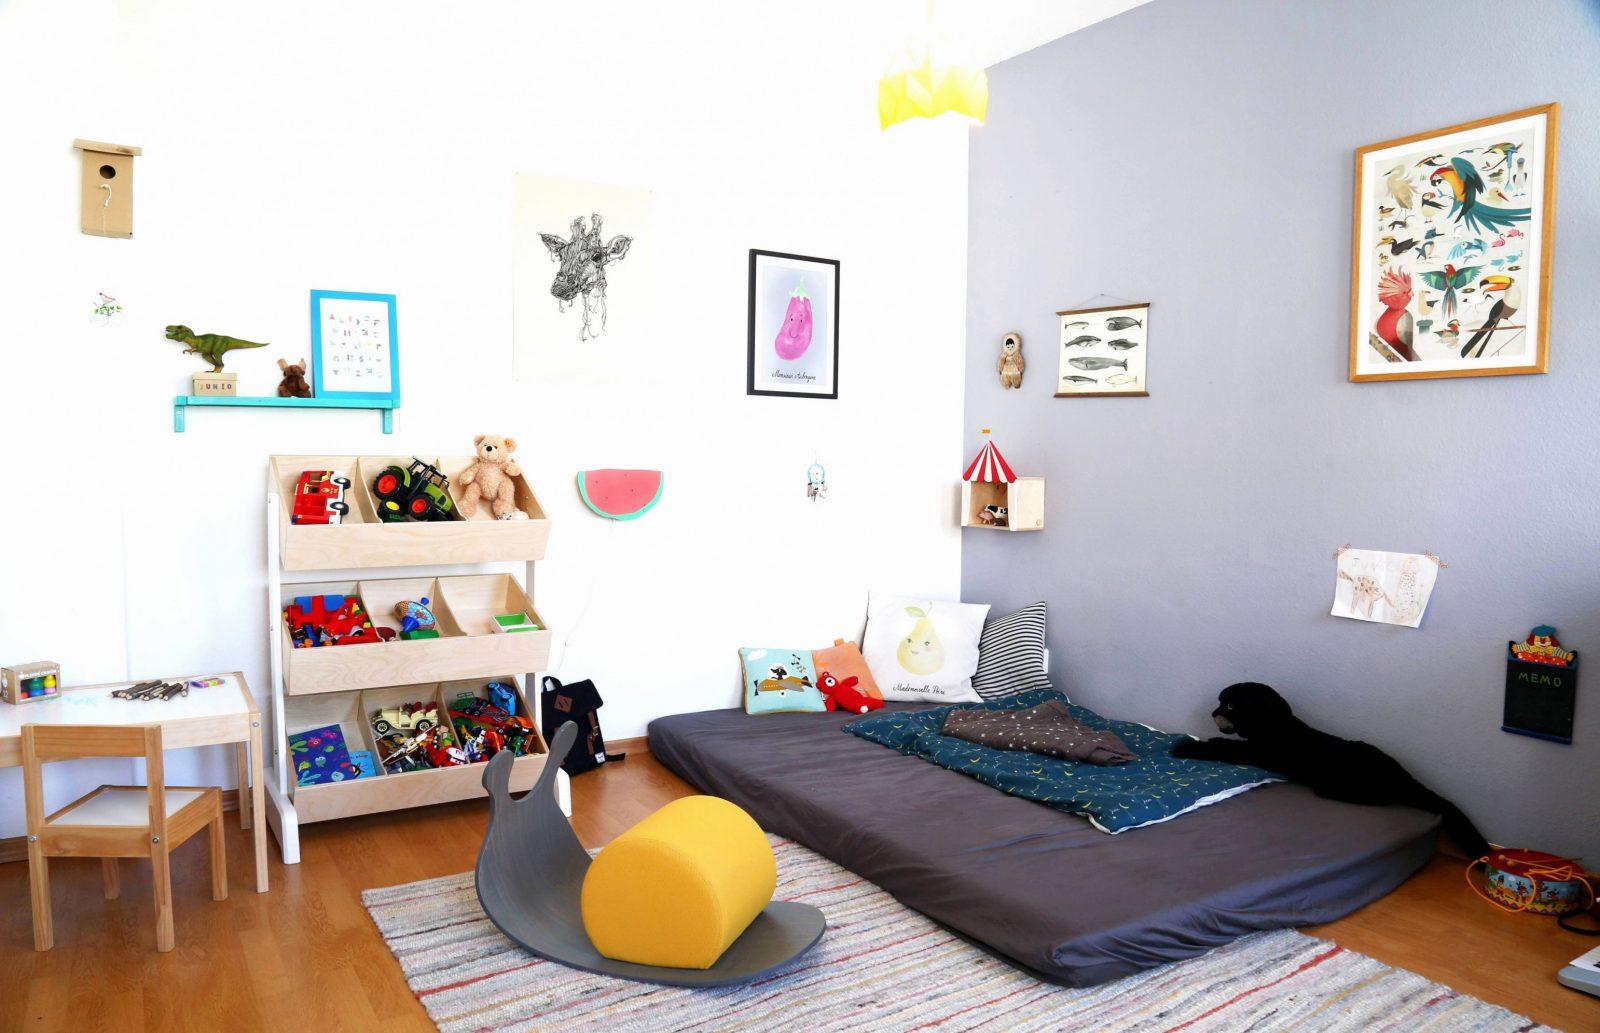 14 Appellieren Fotos Von Babyzimmer Junge Deko  Kinderzimmer von Deko Für Babyzimmer Junge Bild